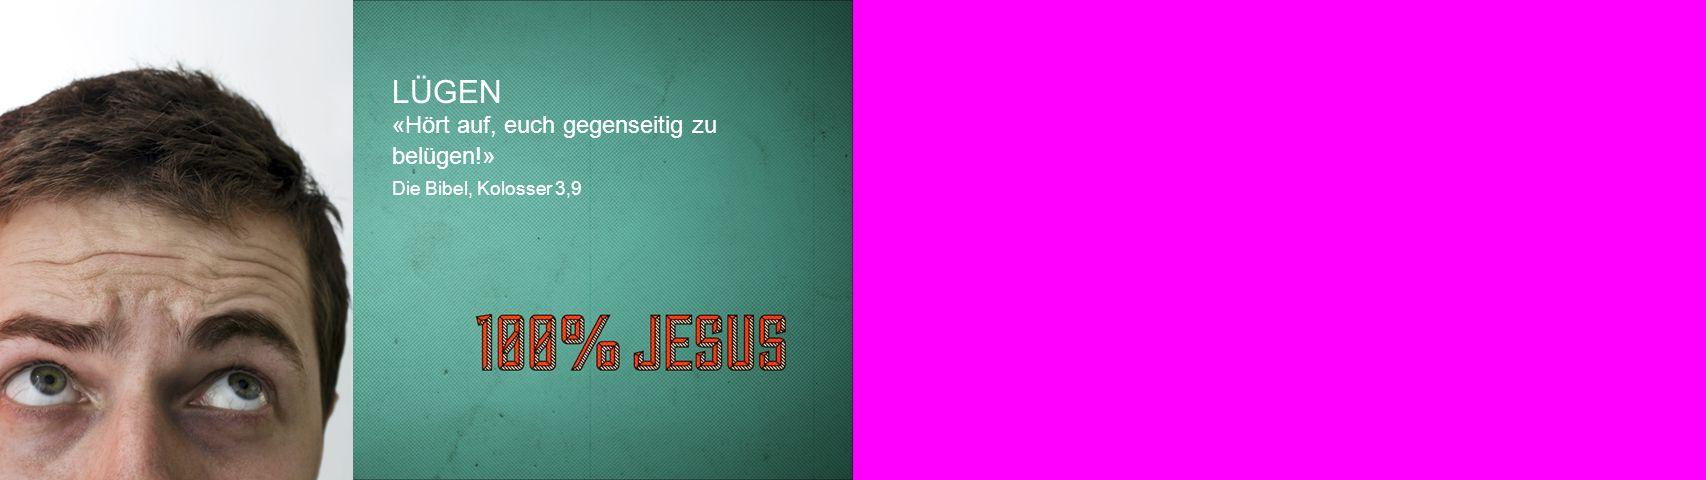 LÜGEN «Hört auf, euch gegenseitig zu belügen!» Die Bibel, Kolosser 3,9